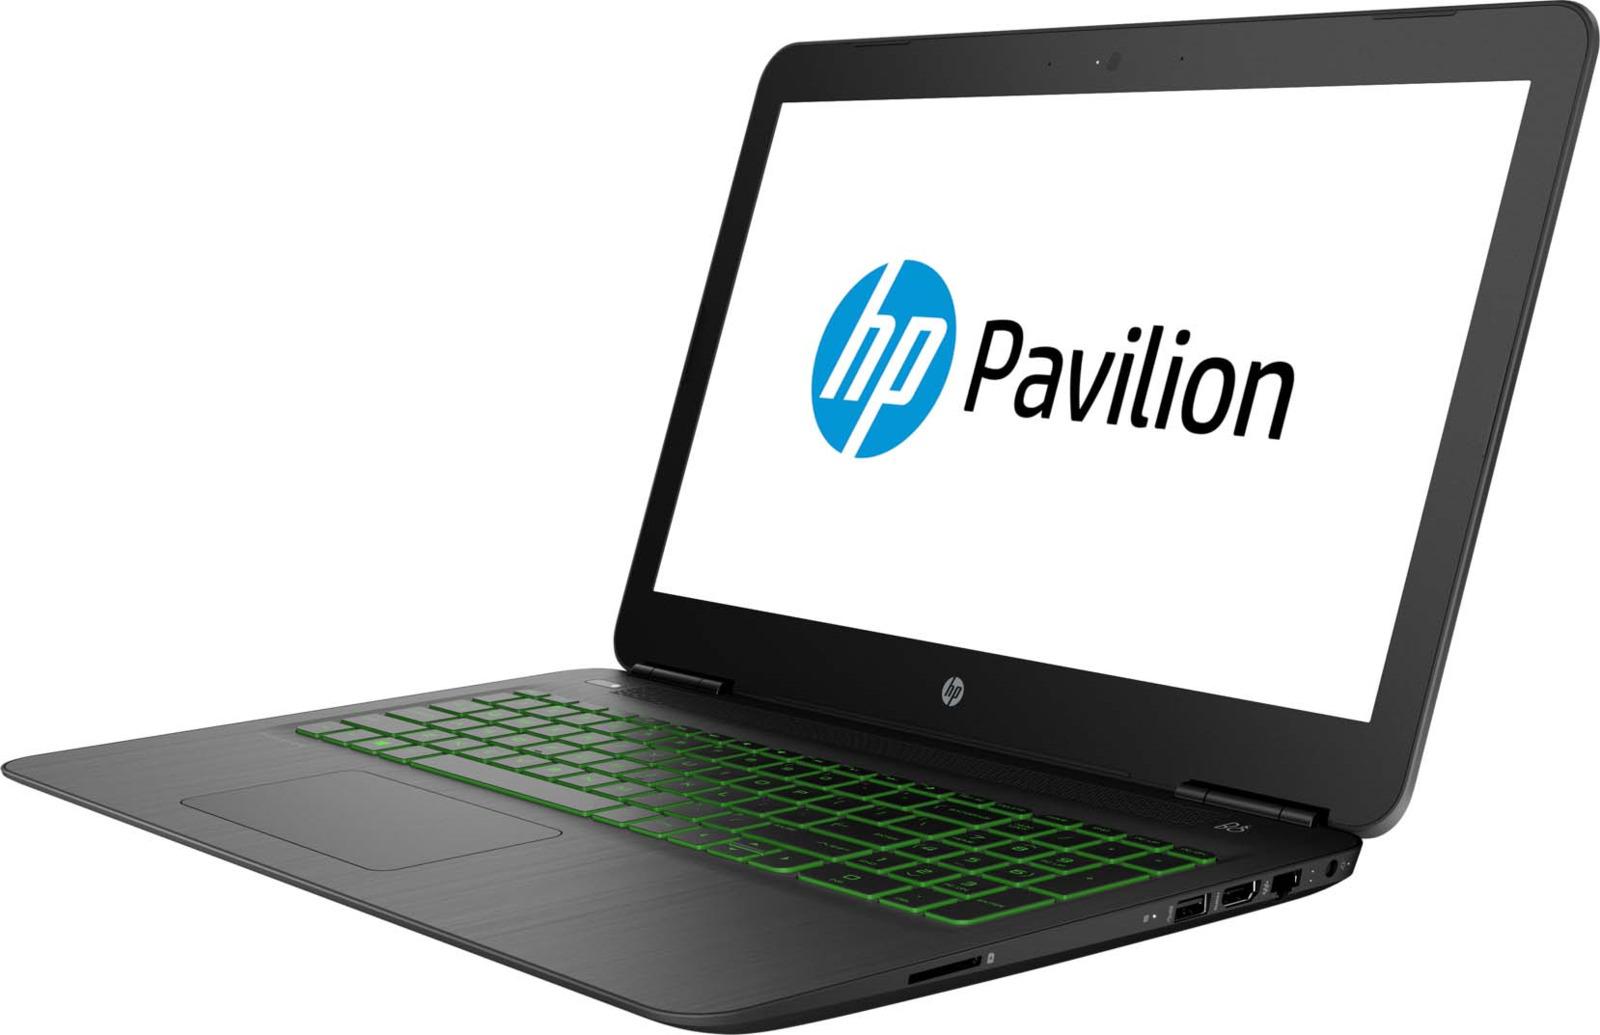 где купить Игровой ноутбук HP Pavilion Gaming 15-bc494ur 4XX73EA, черный дешево